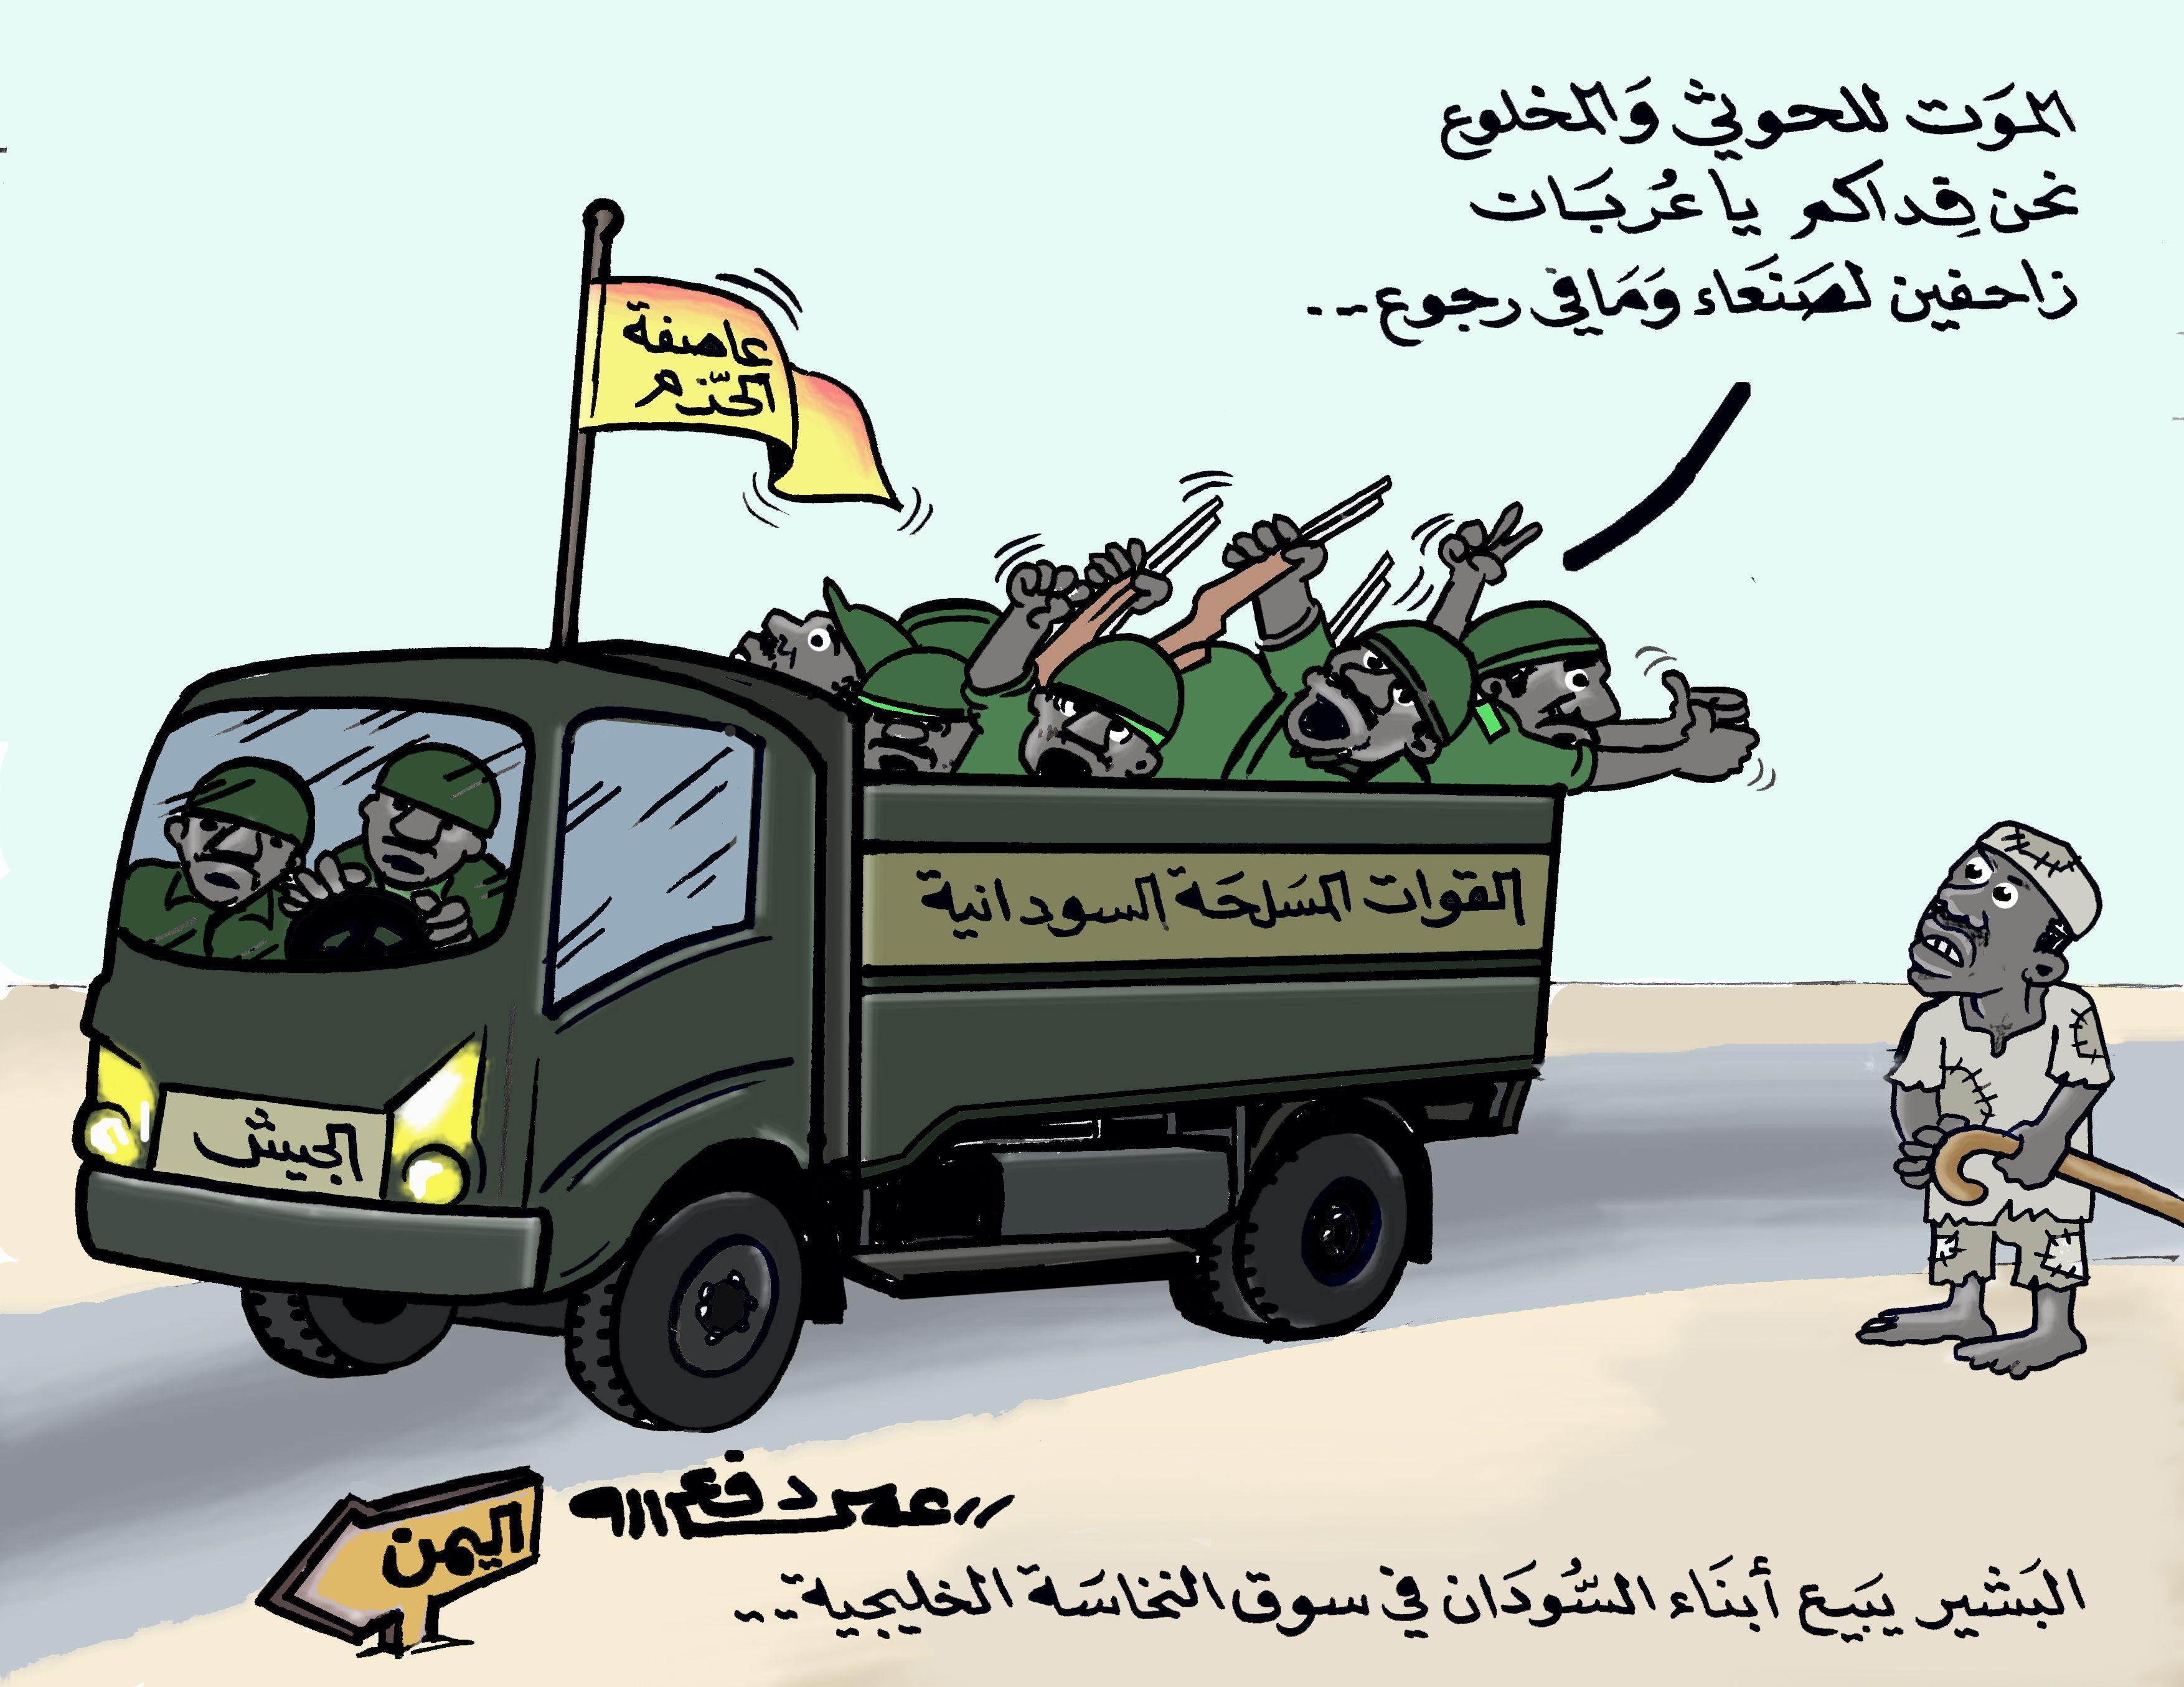 كاركاتير اليوم الموافق 22 فبراير 2017 للفنان عمر دفع الله بعنوان البشير يبع السودانيين فى سوق النخاسة الخليجية